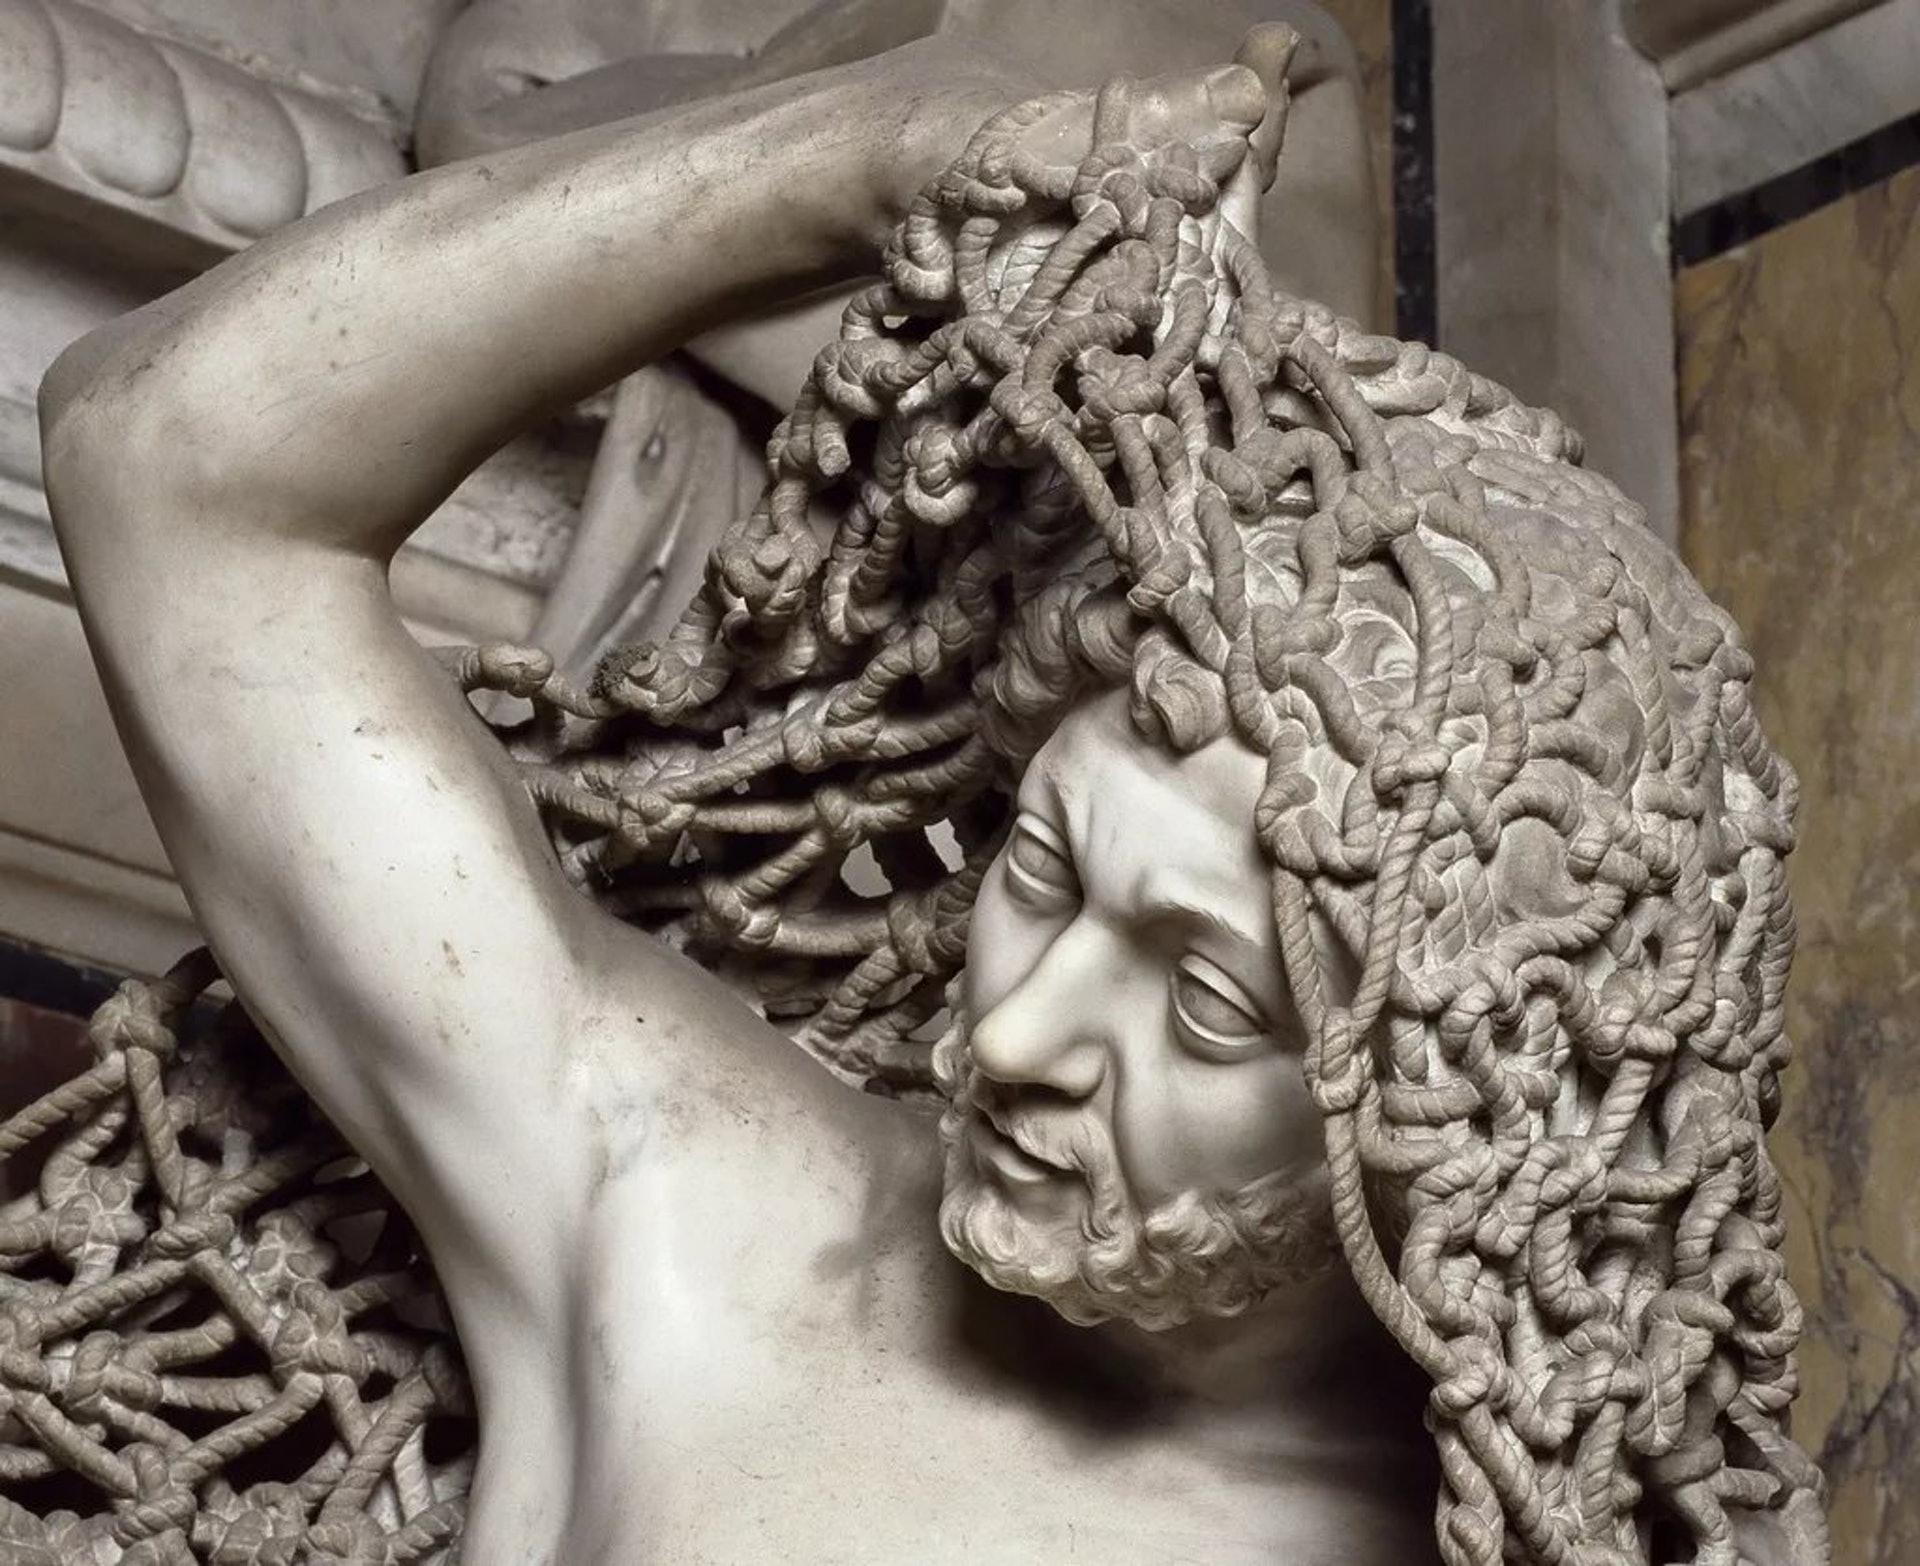 18世紀義大利熱那亞藝術家Francesco Queirolo的傑作《Il Disinganno》(從欺騙中解脫或覺醒)。(圖片擷取自︰Azucena Twitter)